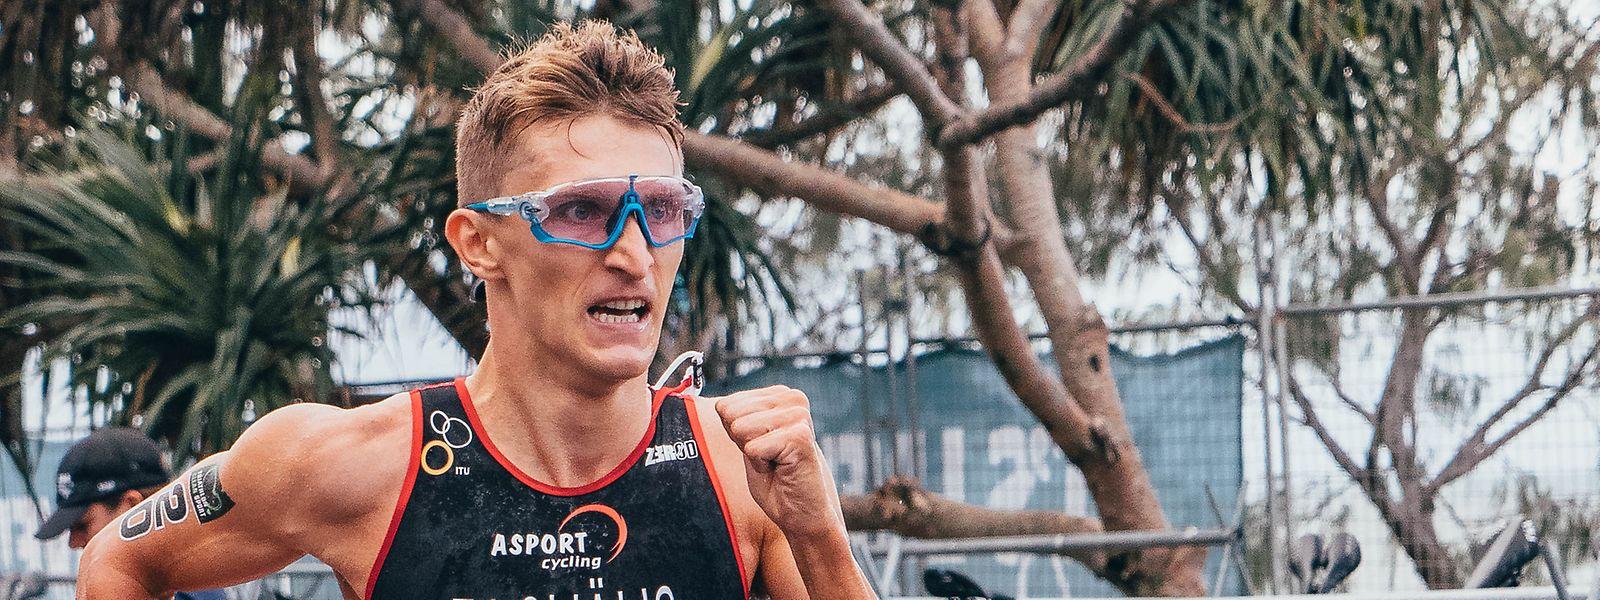 Stefan Zachäus beendet das Rennen vorzeitig.